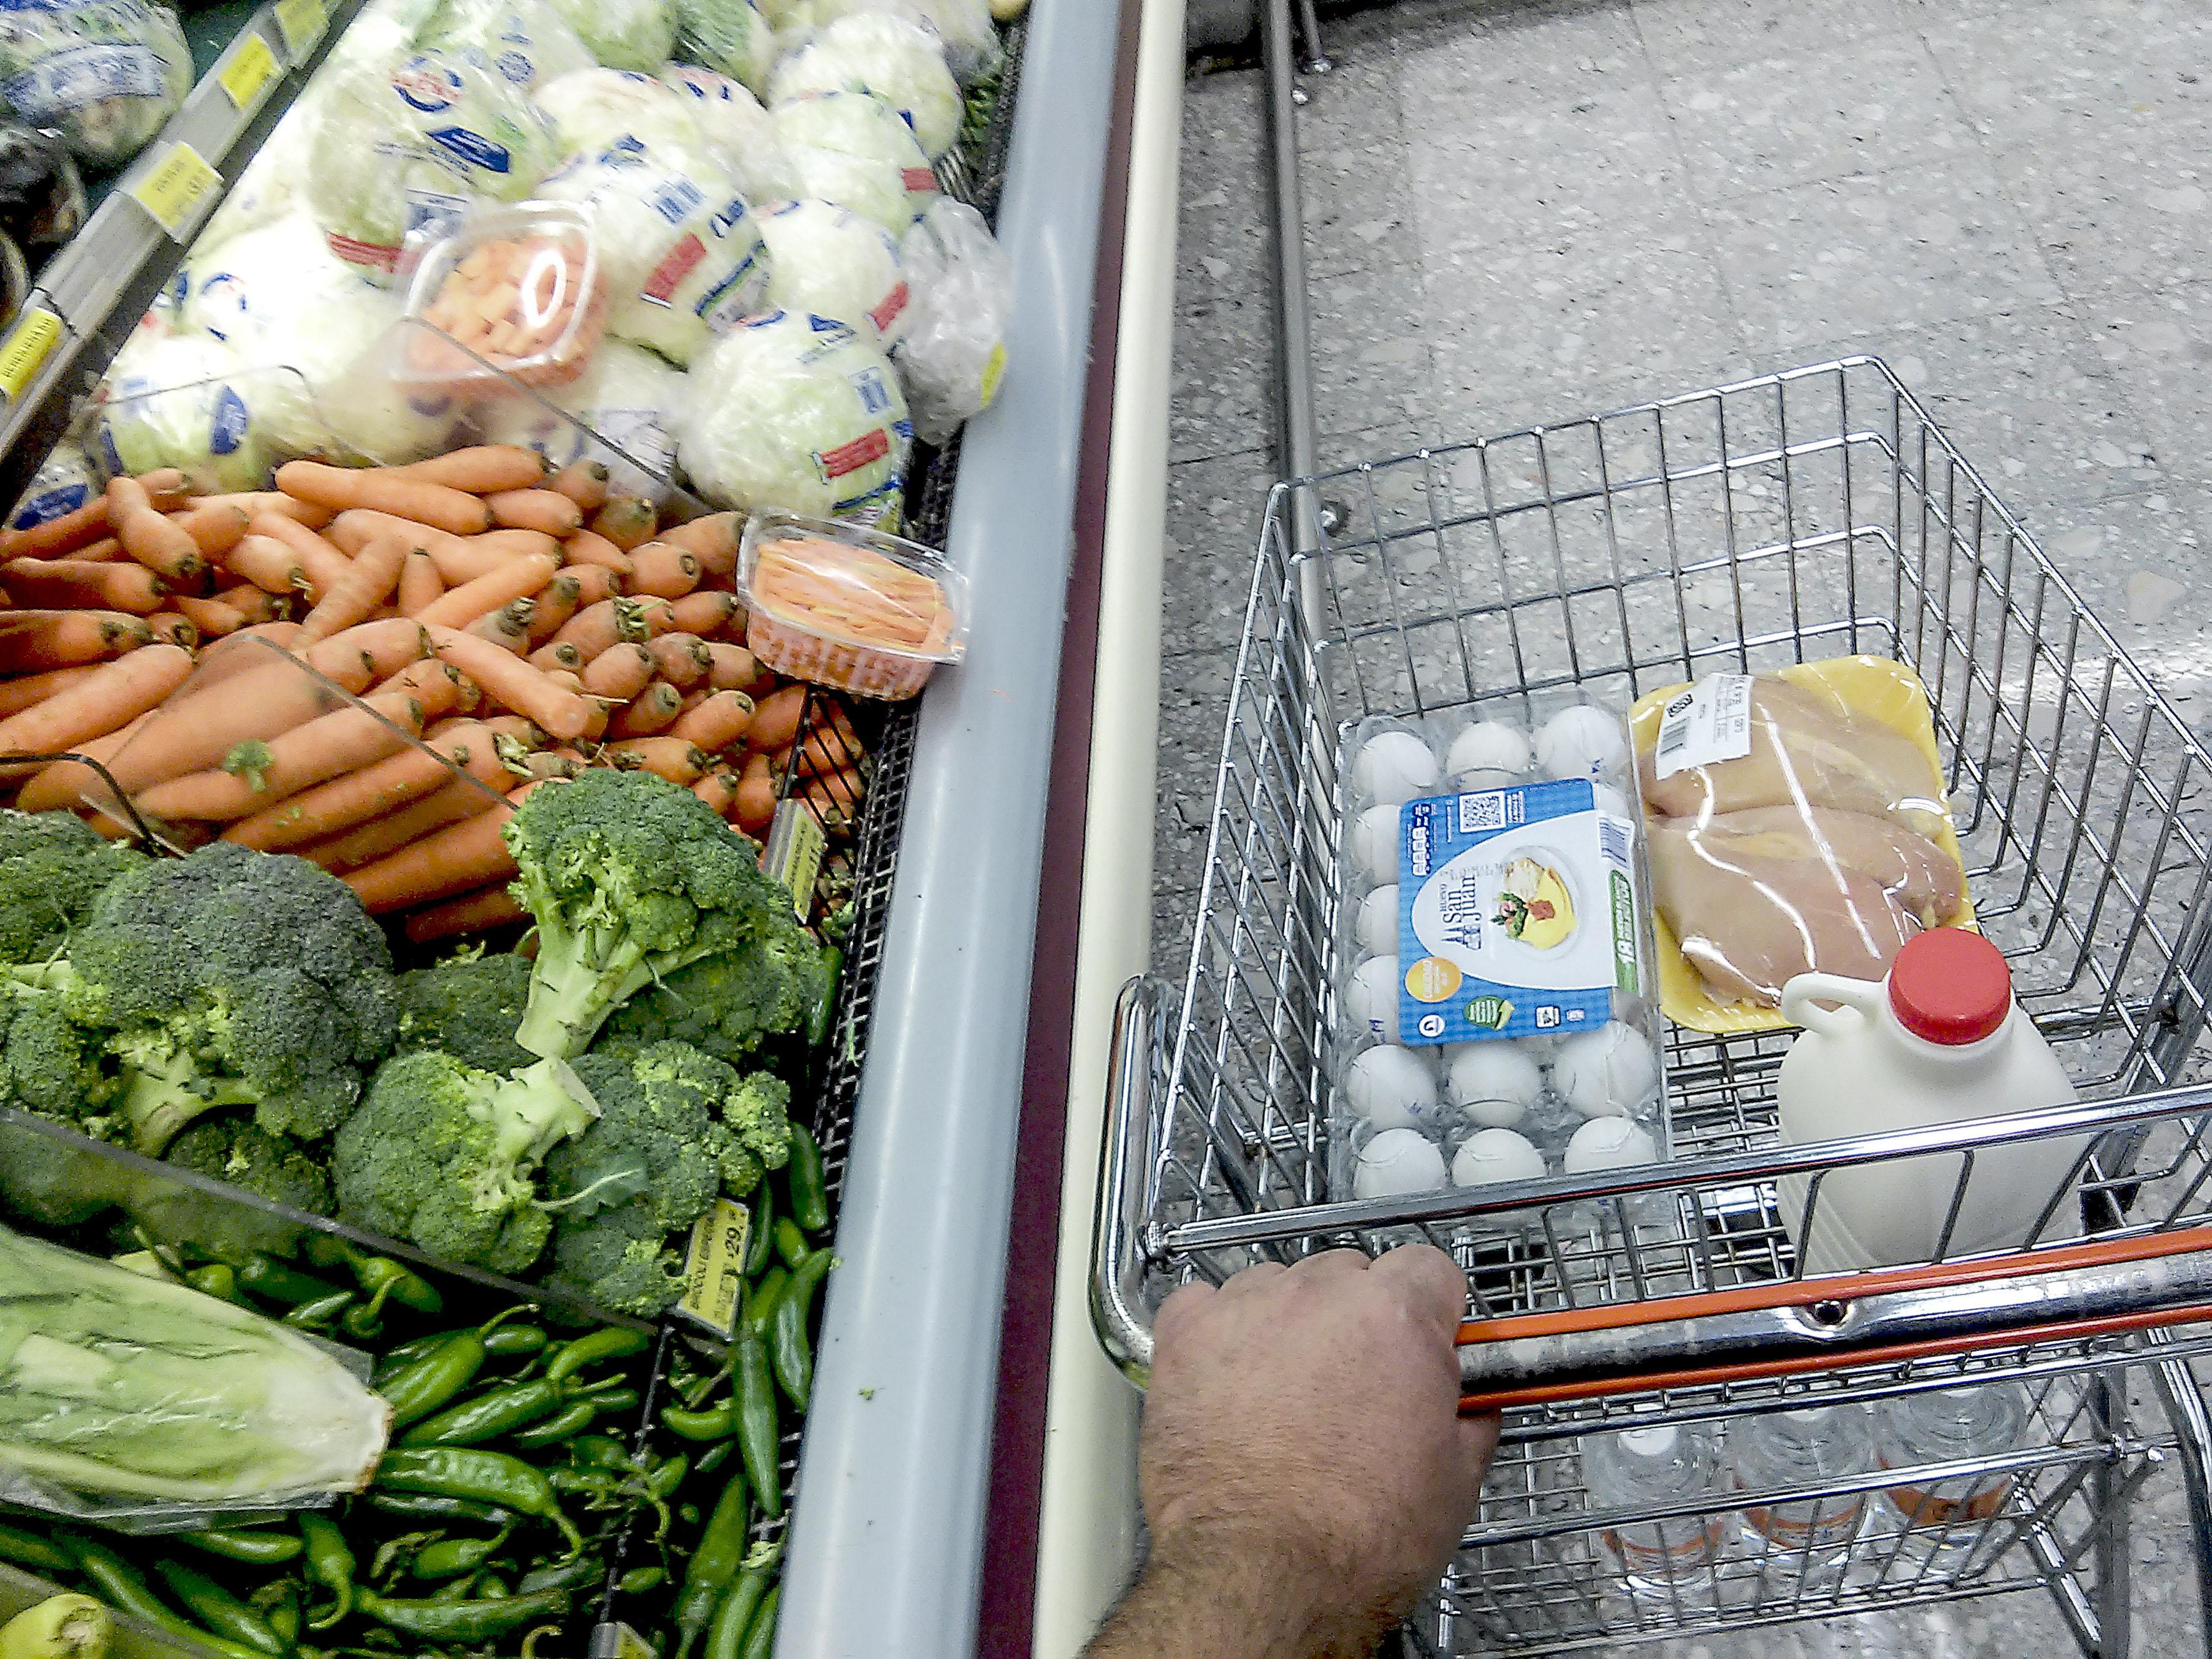 Persona empujando carrito de mercado con productos de canasta básica como: huevo, leche y pollo, dentro de tienda departamental.